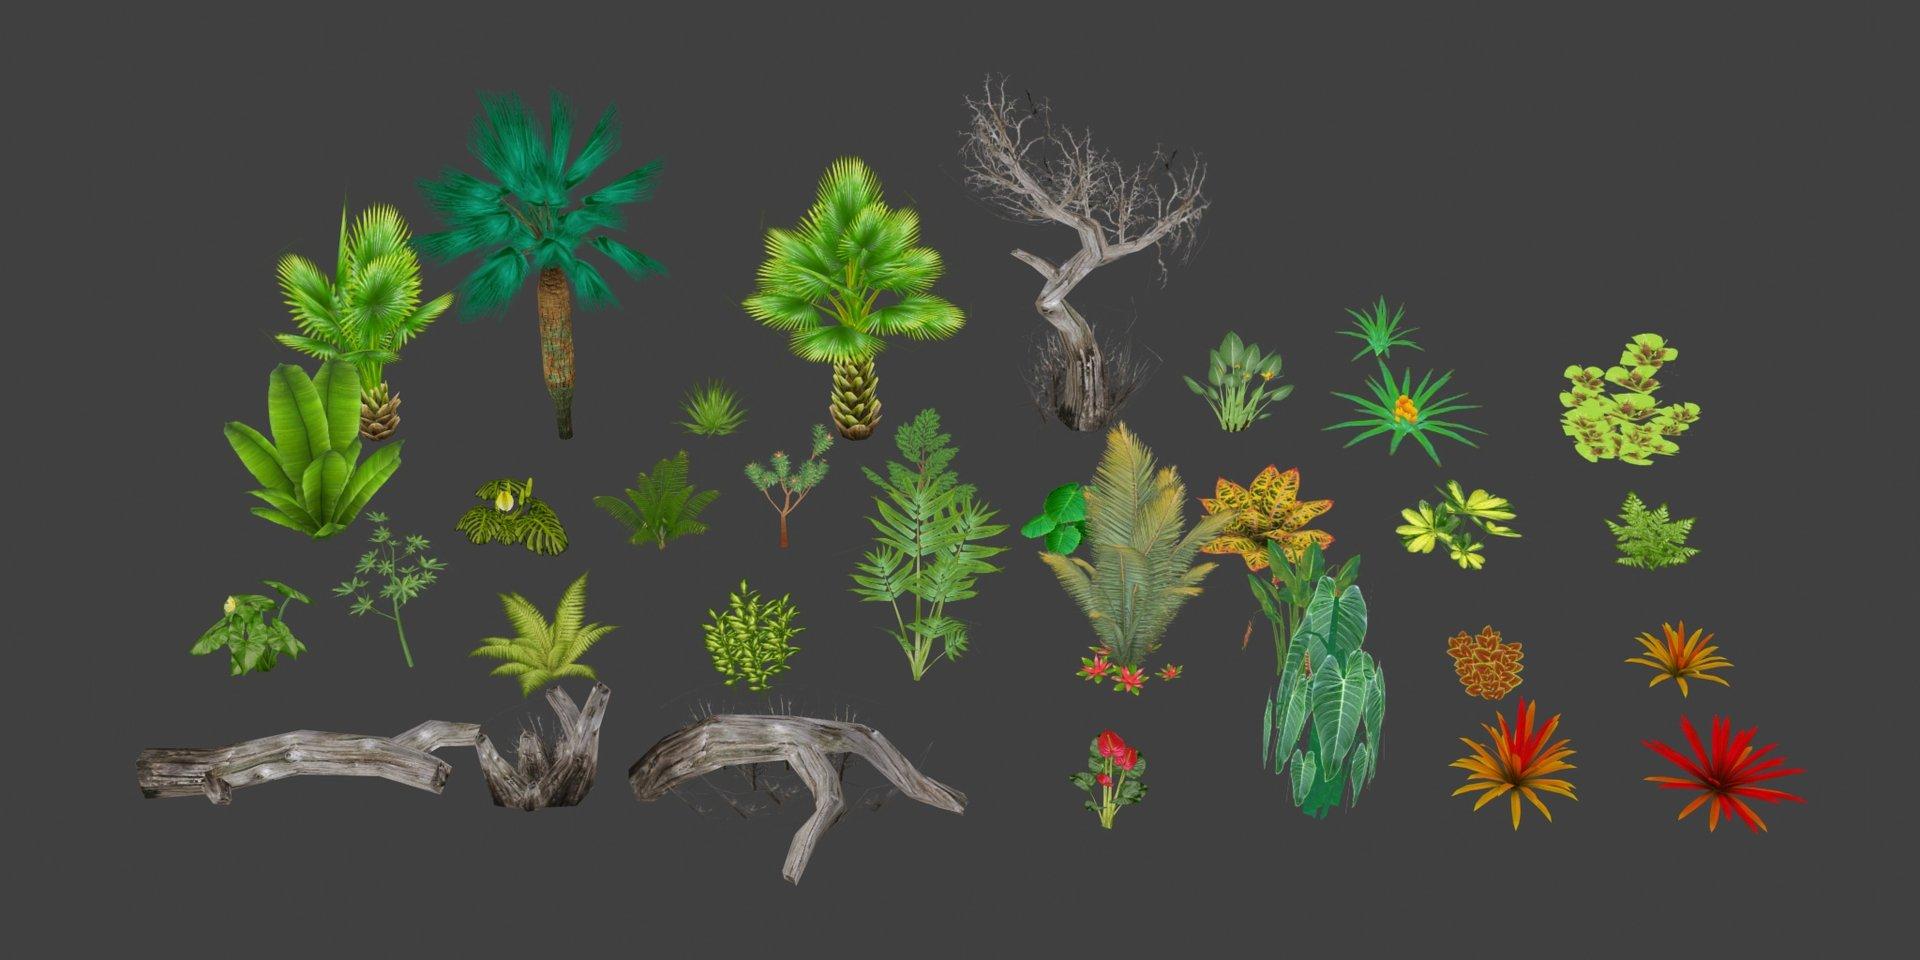 Al funeral flora